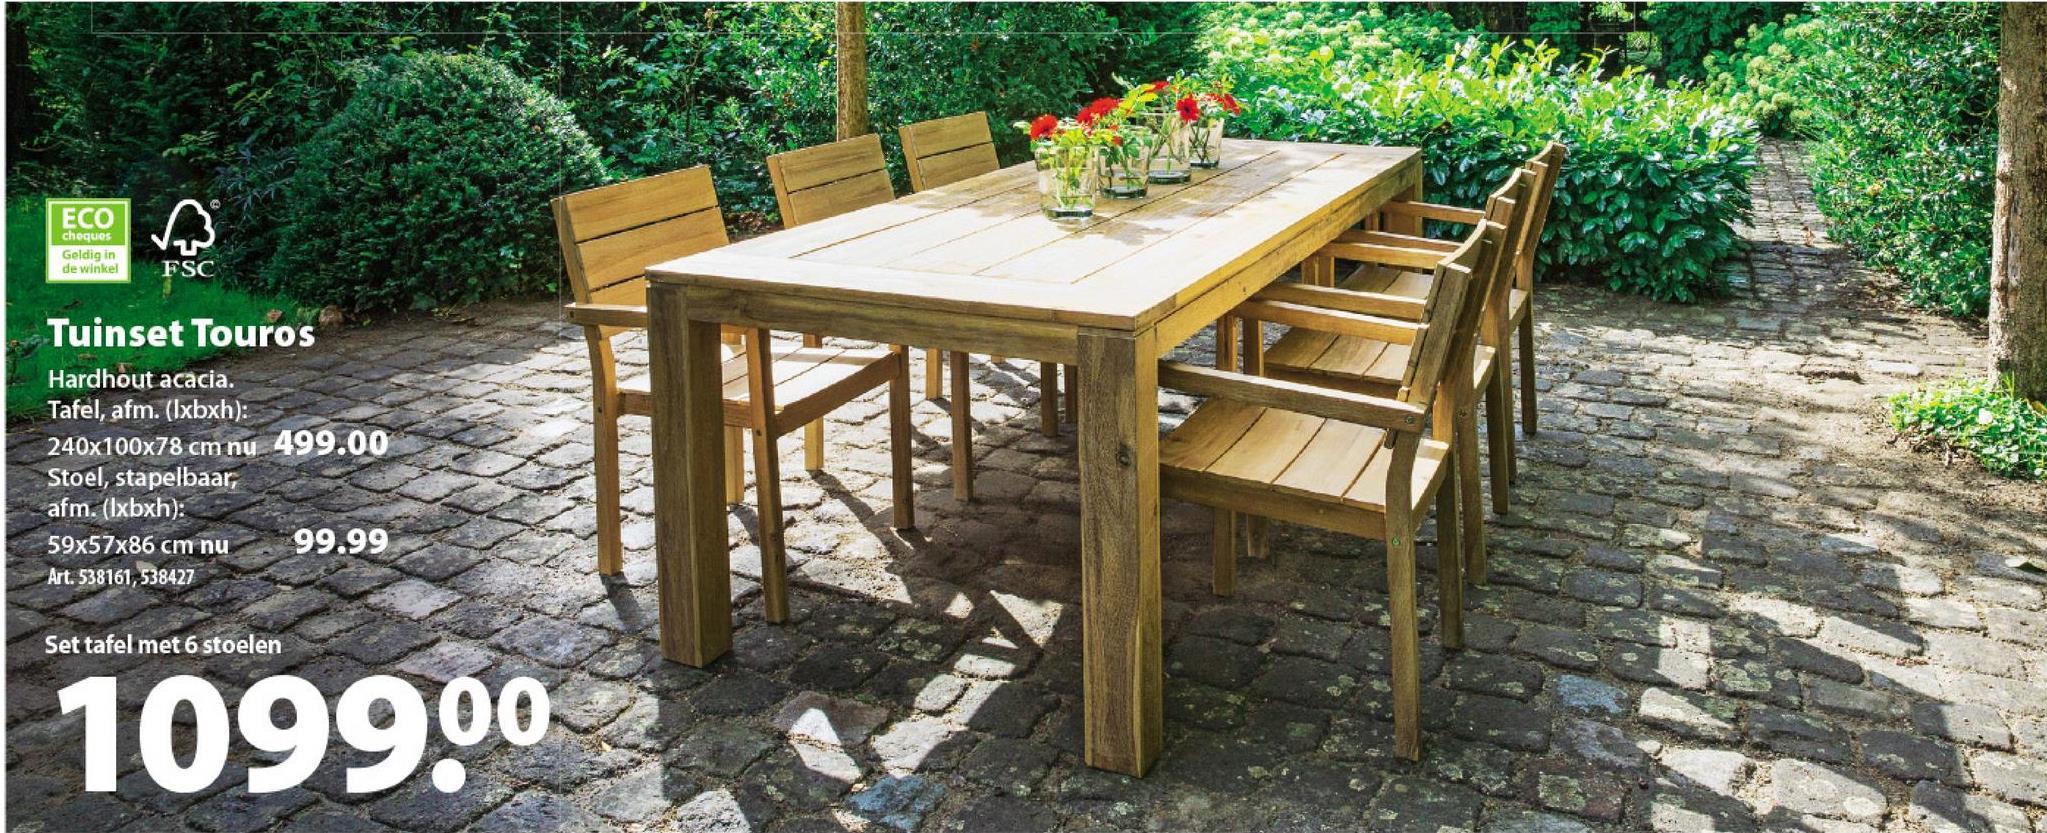 Stoel Touros Wie voor tuinmeubilair van de serie Touros kiest, kiest voor meubelen met een authentieke look & feel. De tafel en de stoelen zijn gemaakt uit acacia van duurzame afkomst met een robuuste, maar warme feel. Combineer de tafel voor 6 personen met deze stapelbare stoel Touros of een inklapbare standenstoel.